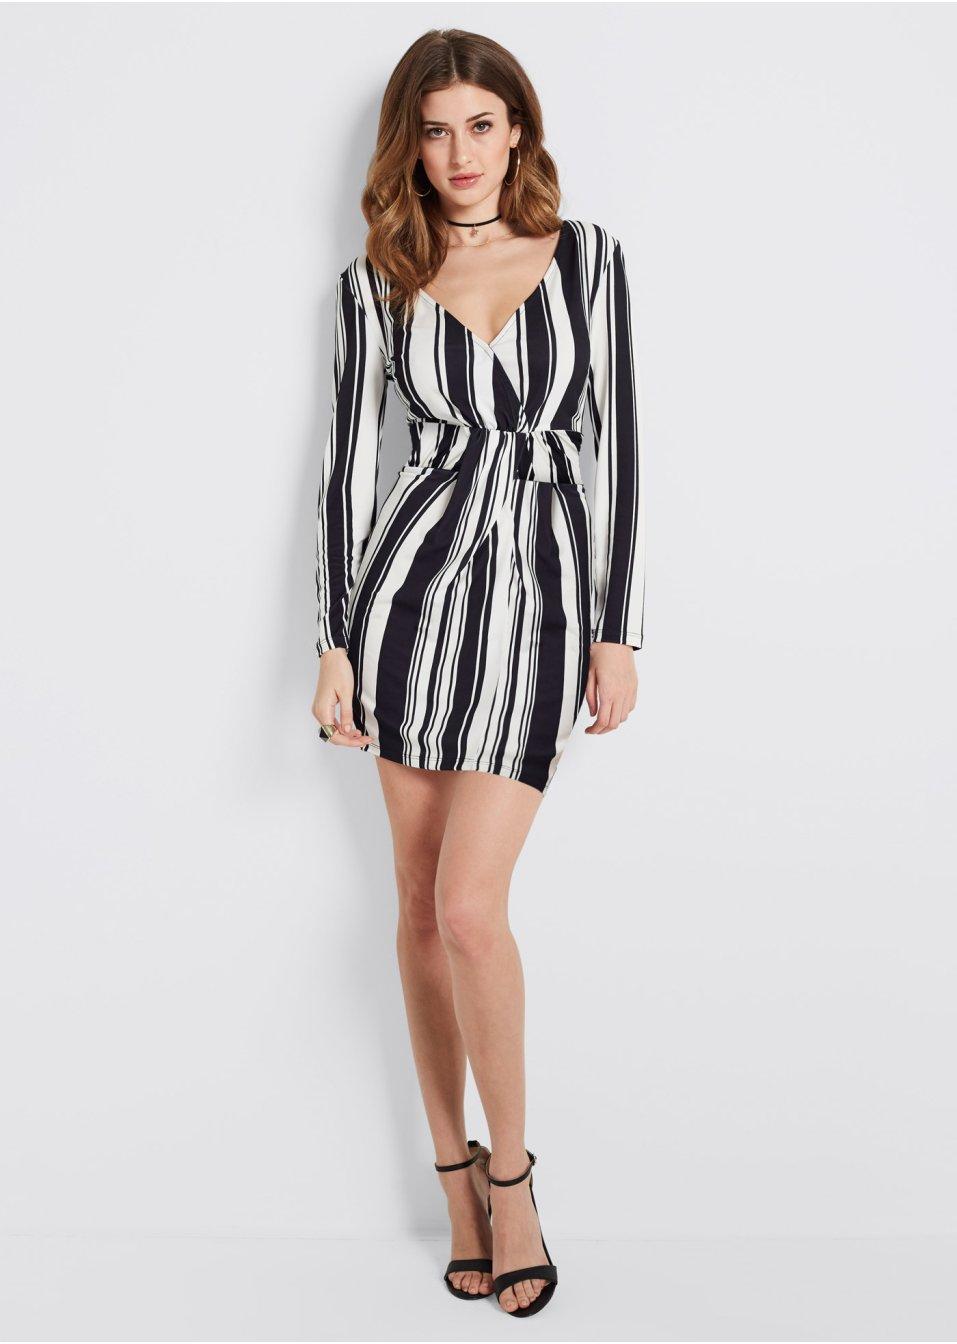 Kleid mit Streifen schwarz/weiß gestreift - Damen - bonprix.de